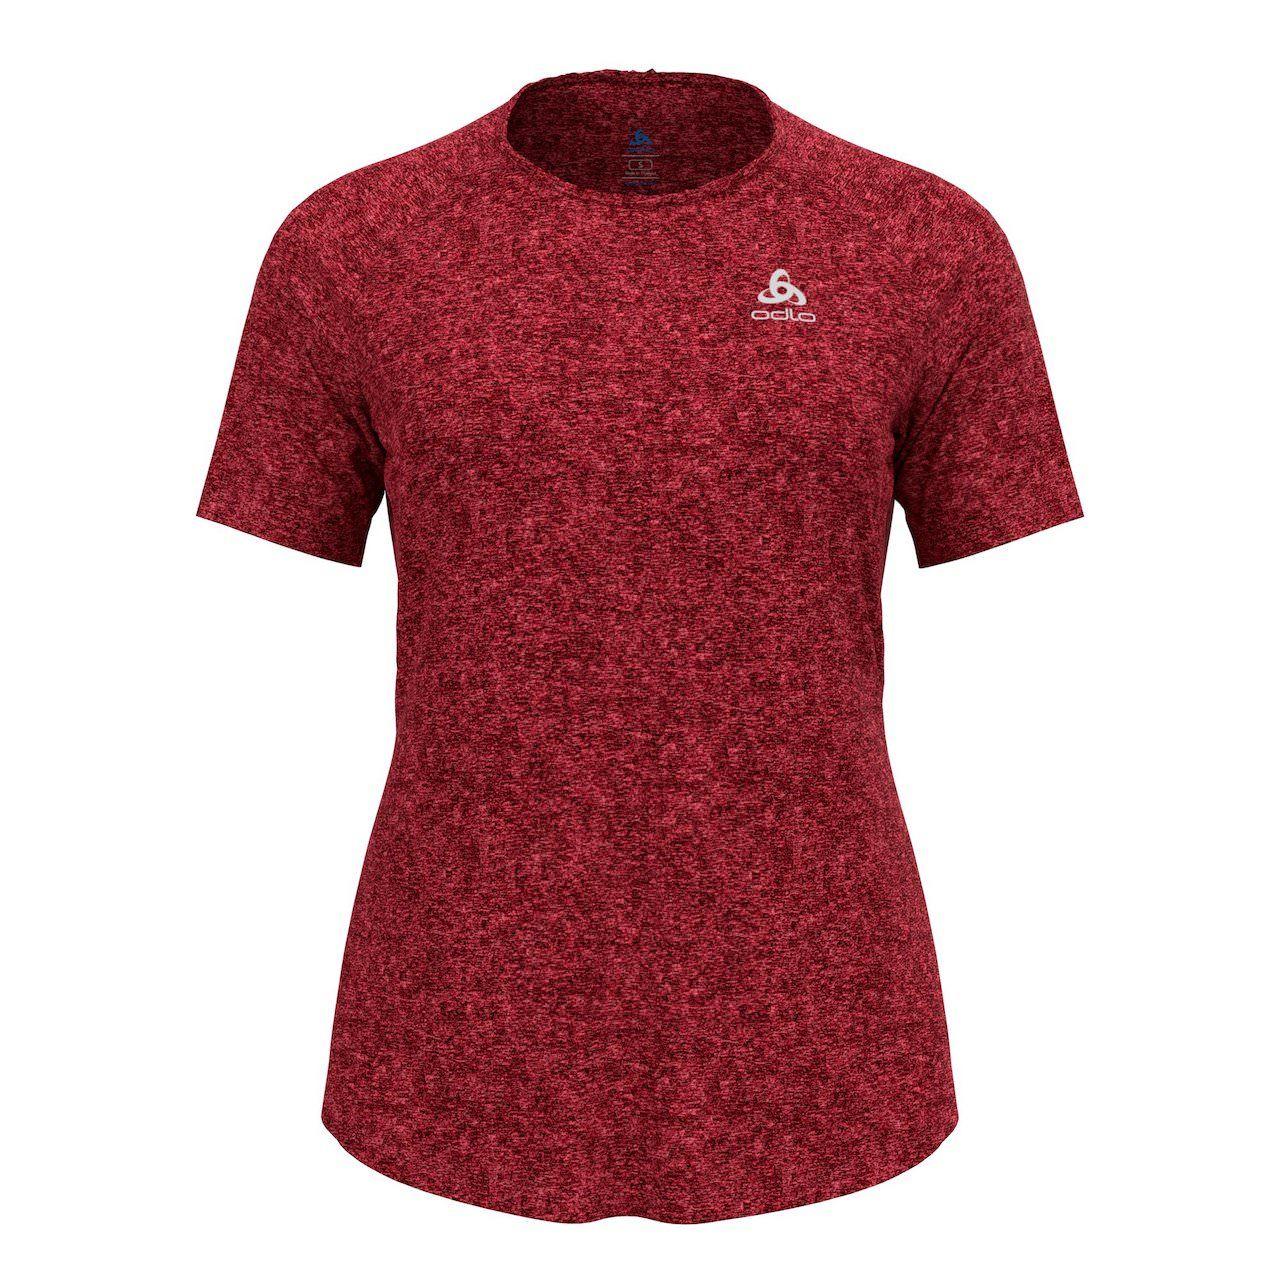 Run Easy T-Shirt S S Ws_313441_38407_A